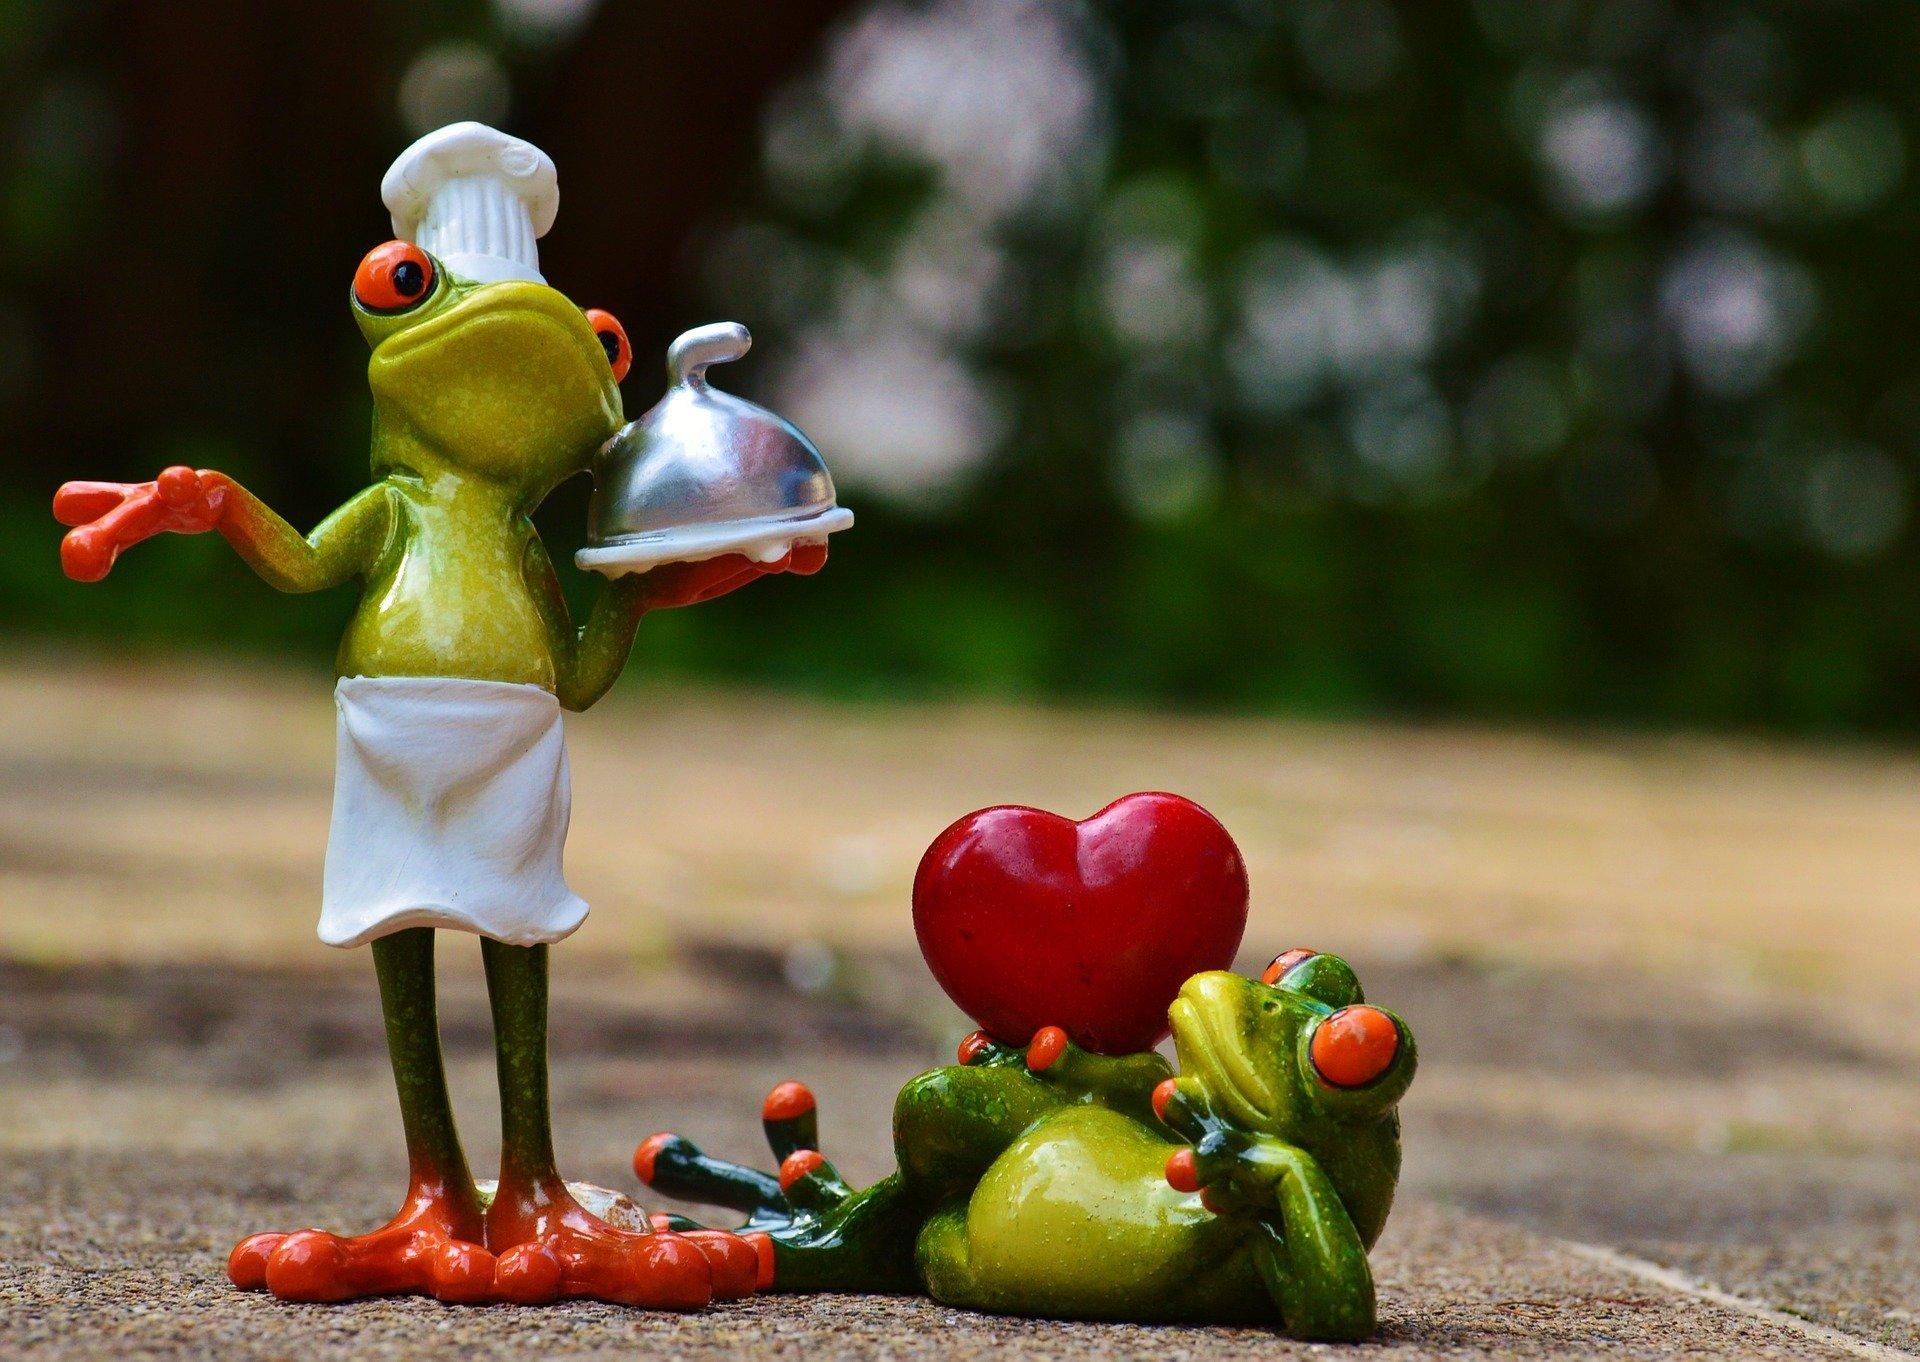 Картинки влюбленных лягушат